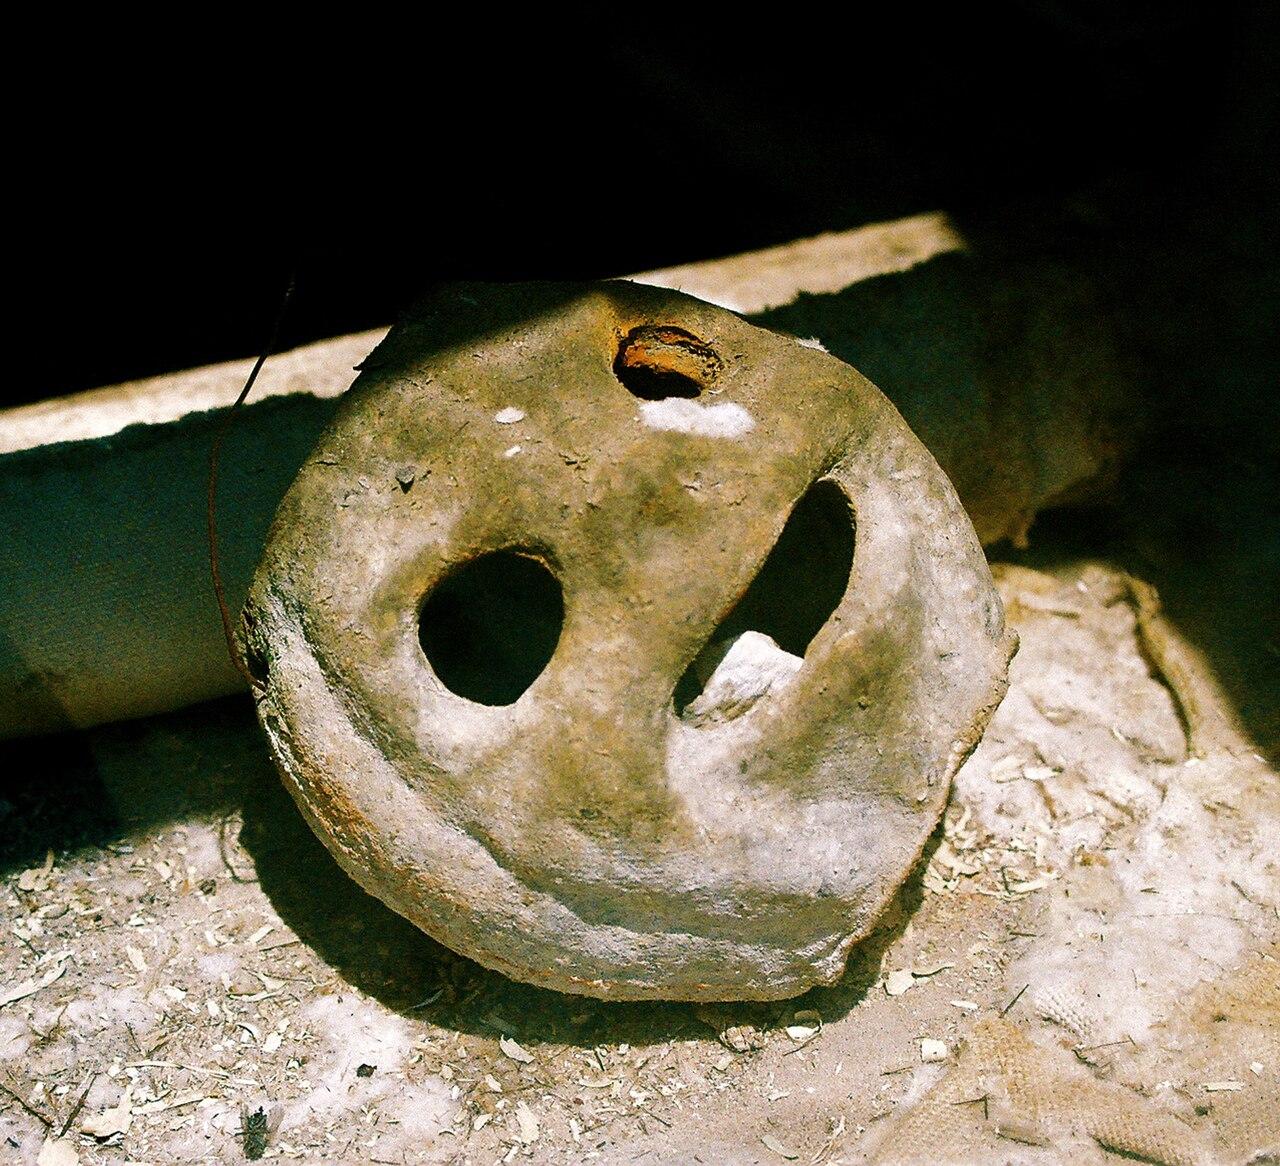 伯帝镇(Bodie)正宗的美国鬼镇 - wuwei1101 - 西花社